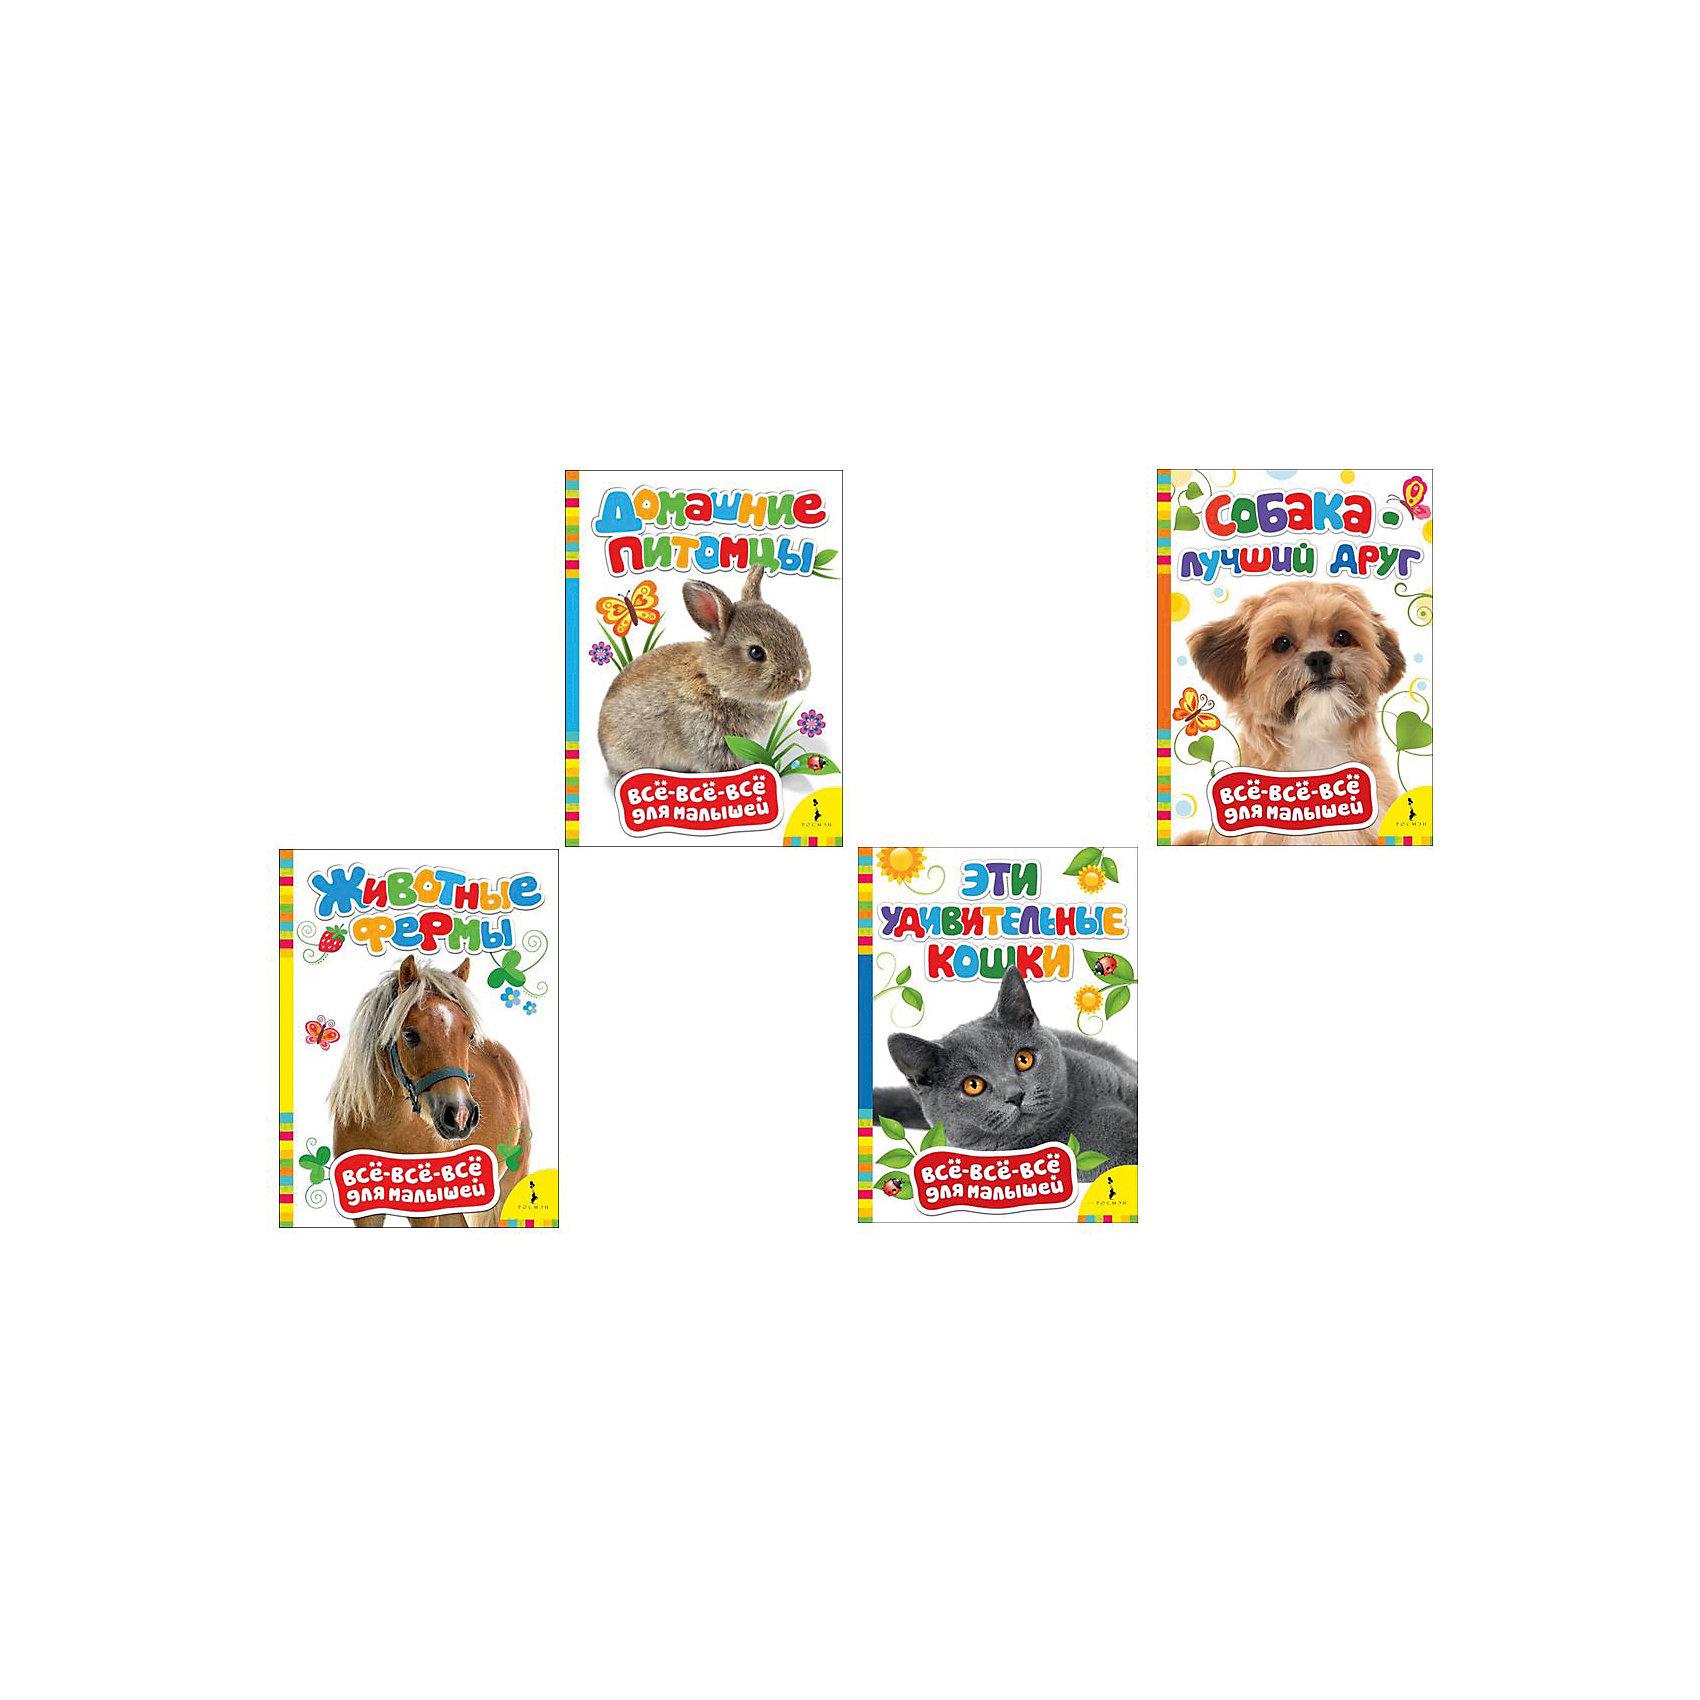 Комплект 4 обучающих книги о домашних животныхКомплект 4 обучающие книги о домашних животных ? это картонные книги-игрушки, выпущенные отечественным издательством Росмэн.  Комплект серии Все-все-все для малышей<br>состоит из четырех книг Домашние питомцы, Животные фермы, Собака - лучший друг, Эти удивительные кошки. Объем каждой книжки составляет 8 страниц. Книги знакомят самых маленьких с животными, которые окружают человека. Яркие красочные фотографии и иллюстрации сопровождаются подписями, к каждой картинке имеются простые задания, направленные на развитие речи и расширение кругозора ребенка.<br><br>Дополнительная информация:<br><br>- Жанр книг: книги-игрушки<br>- Предназначение: для дома, для детских садов<br>- Серия: Все-все-все для малышей<br>- Материал: картонные книжки<br>- Комплектация: 4 книжки ? Домашние питомцы, Животные фермы, Собака - лучший друг, Эти удивительные кошки<br>- Размер (Д*Ш*В): 22*16*1,7 см<br><br>Подробнее:<br><br>• Для детей в возрасте: от 0 месяцев <br>• Издательство: Росмэн<br>• Страна производитель: Россия<br><br>Комплект 4 обучающие книги о домашних животных можно купить в нашем интернет-магазине.<br><br>Ширина мм: 220<br>Глубина мм: 160<br>Высота мм: 17<br>Вес г: 440<br>Возраст от месяцев: 0<br>Возраст до месяцев: 36<br>Пол: Унисекс<br>Возраст: Детский<br>SKU: 4870286